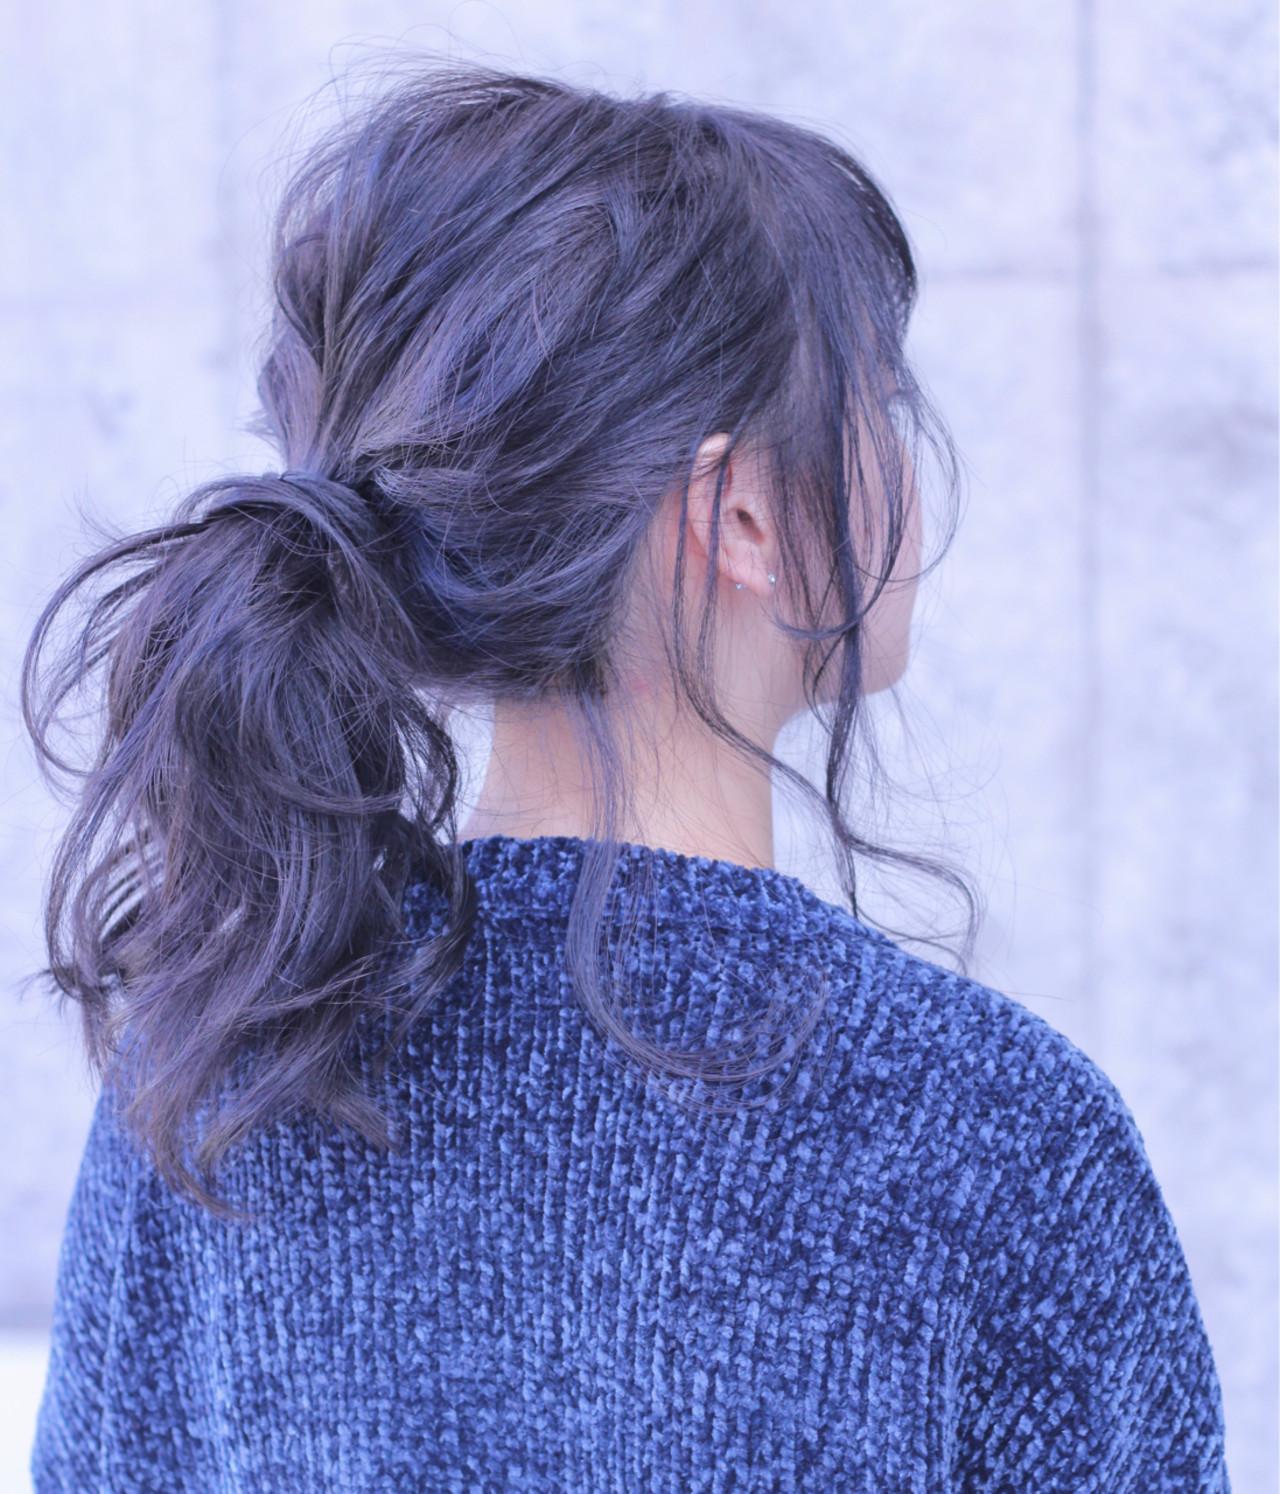 ヘアアレンジ 簡単ヘアアレンジ 大人女子 ロング ヘアスタイルや髪型の写真・画像 | Wataru Maeda / cache cache